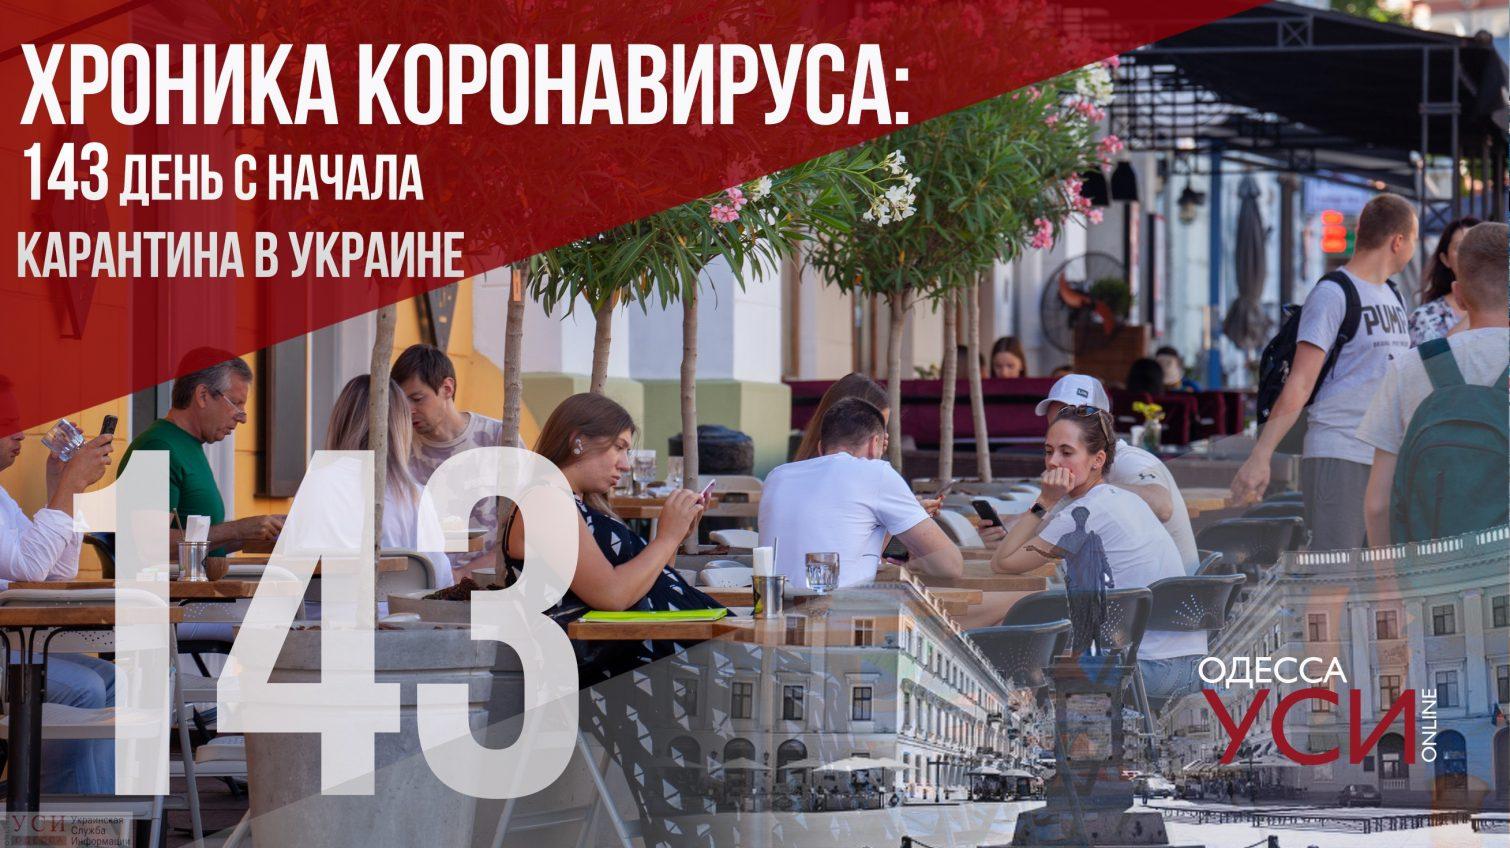 Хроника коронавируса: 143-й день карантина в Украине –заболевших снова более 1000 ОБНОВЛЕНО «фото»